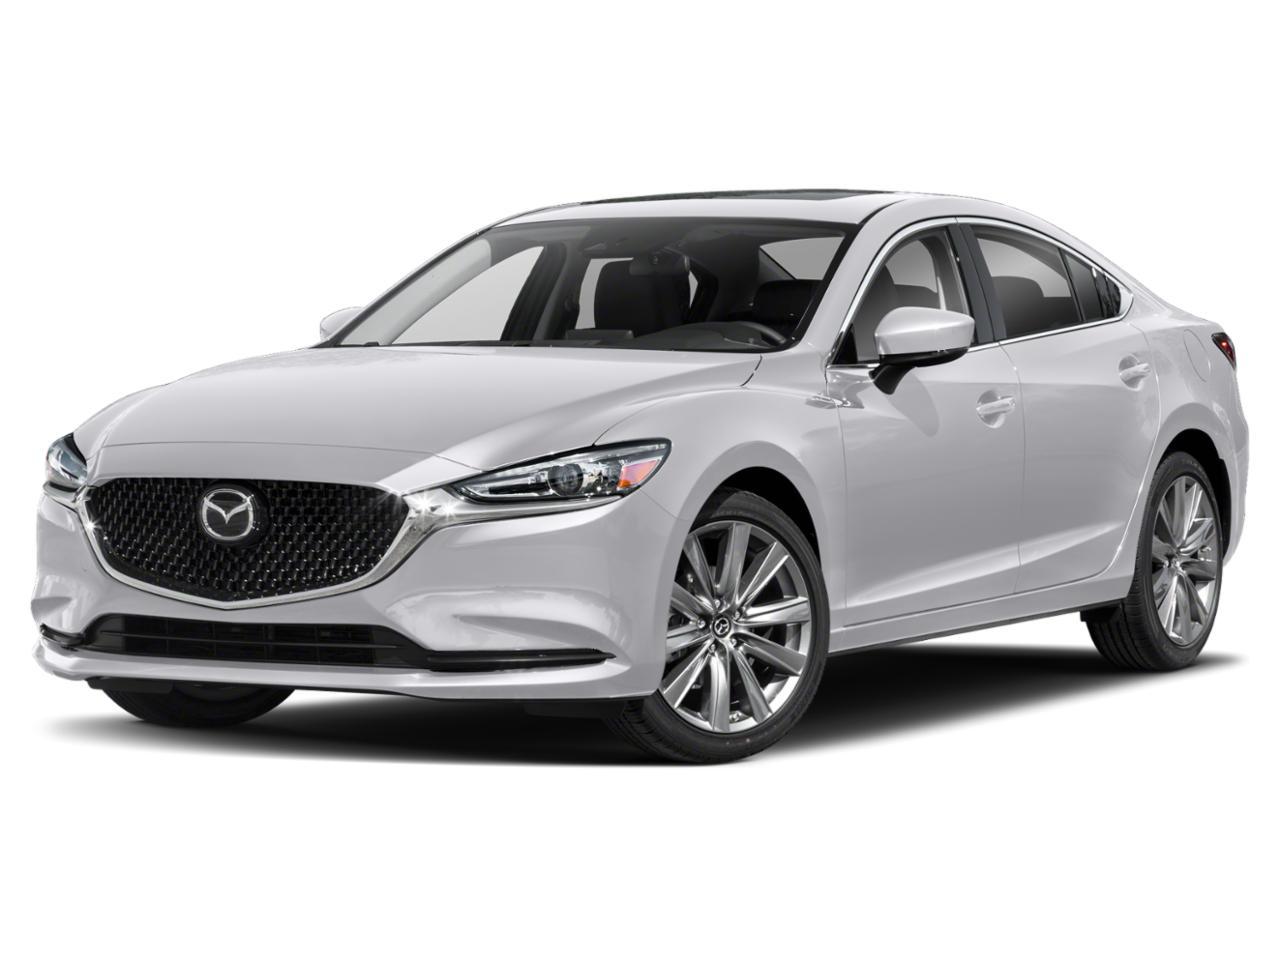 2021 Mazda Mazda6 Vehicle Photo in Green Bay, WI 54304